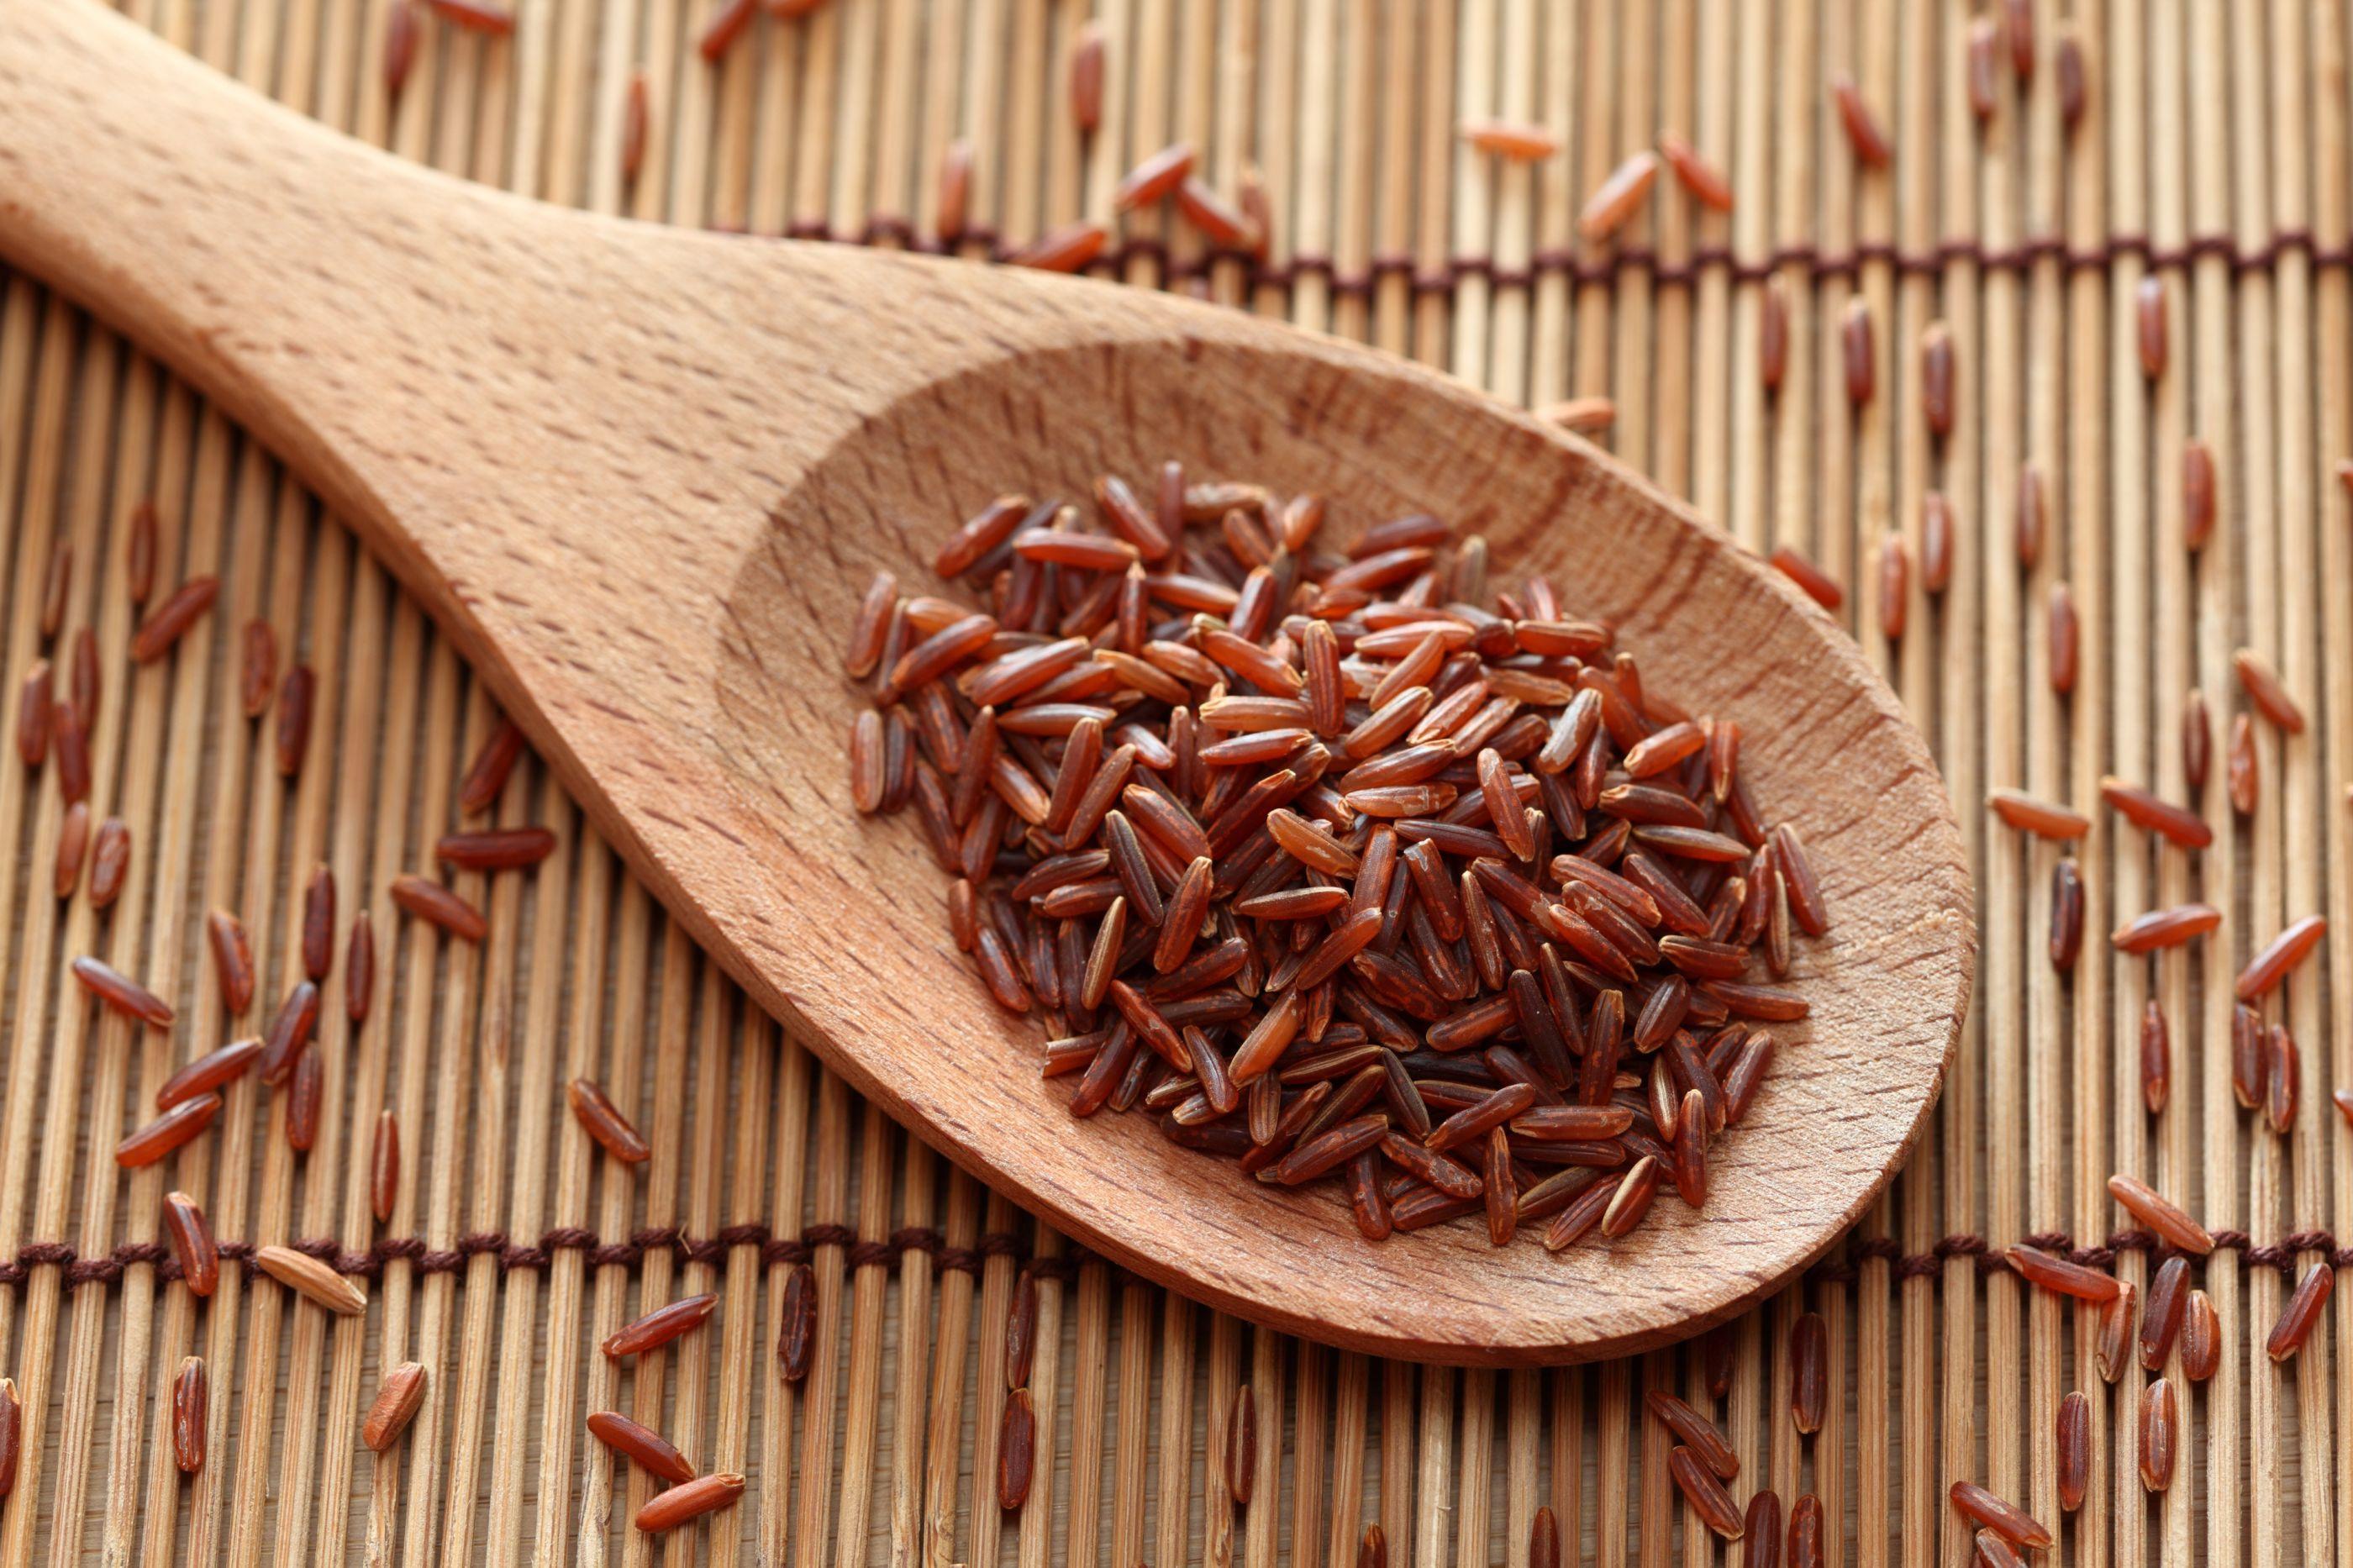 Reduz colesterol e emagrece: Descubra mais 3 benefícios do arroz vermelho